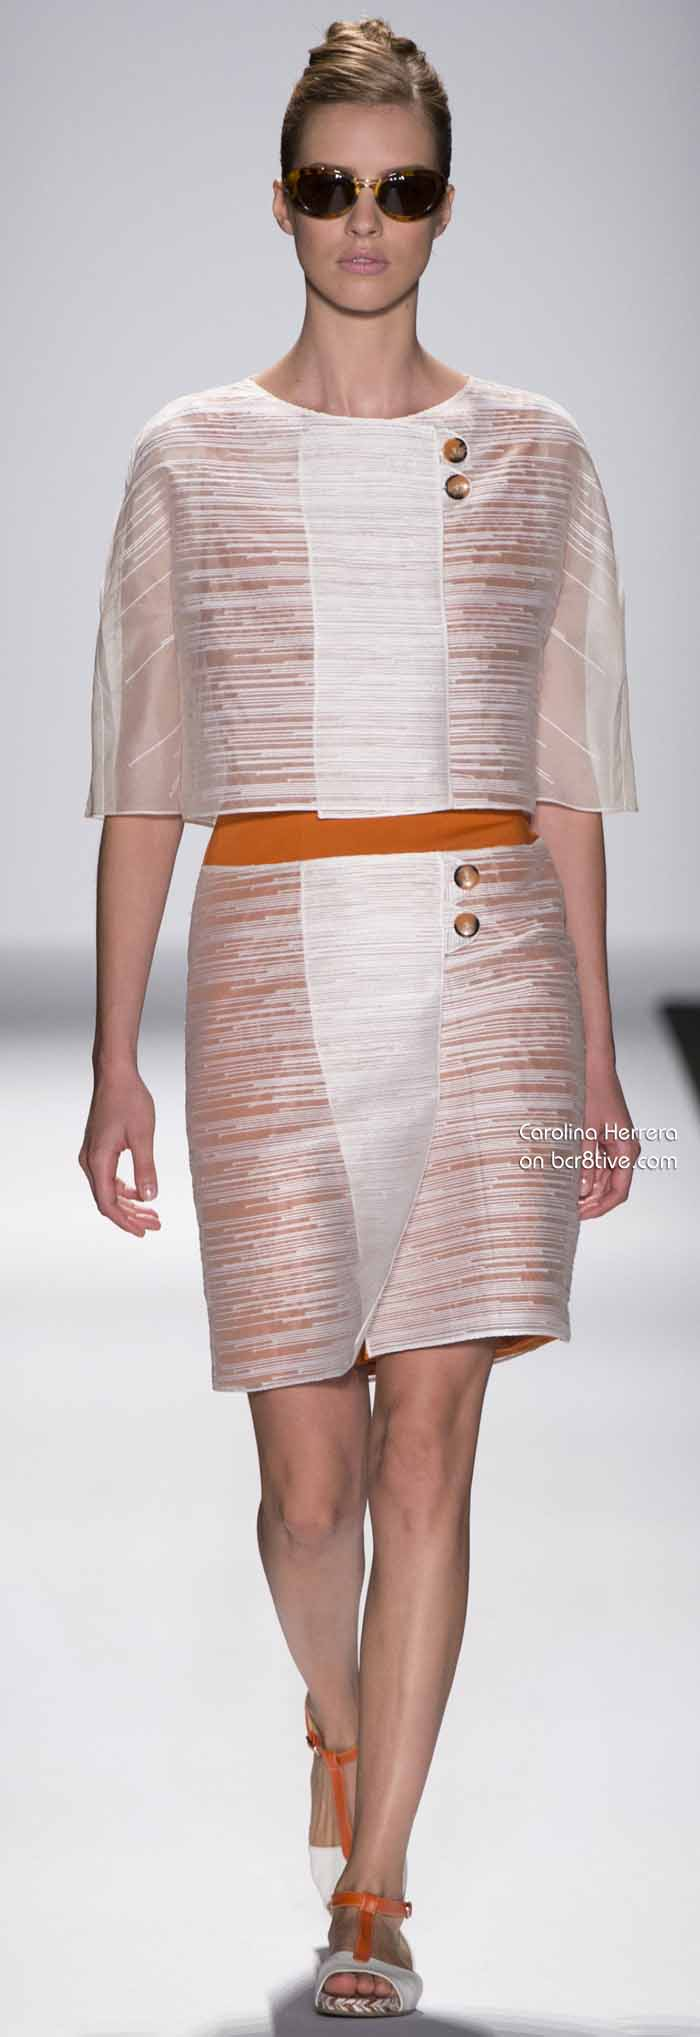 Carolina Herrera Spring 2014 #NYFW